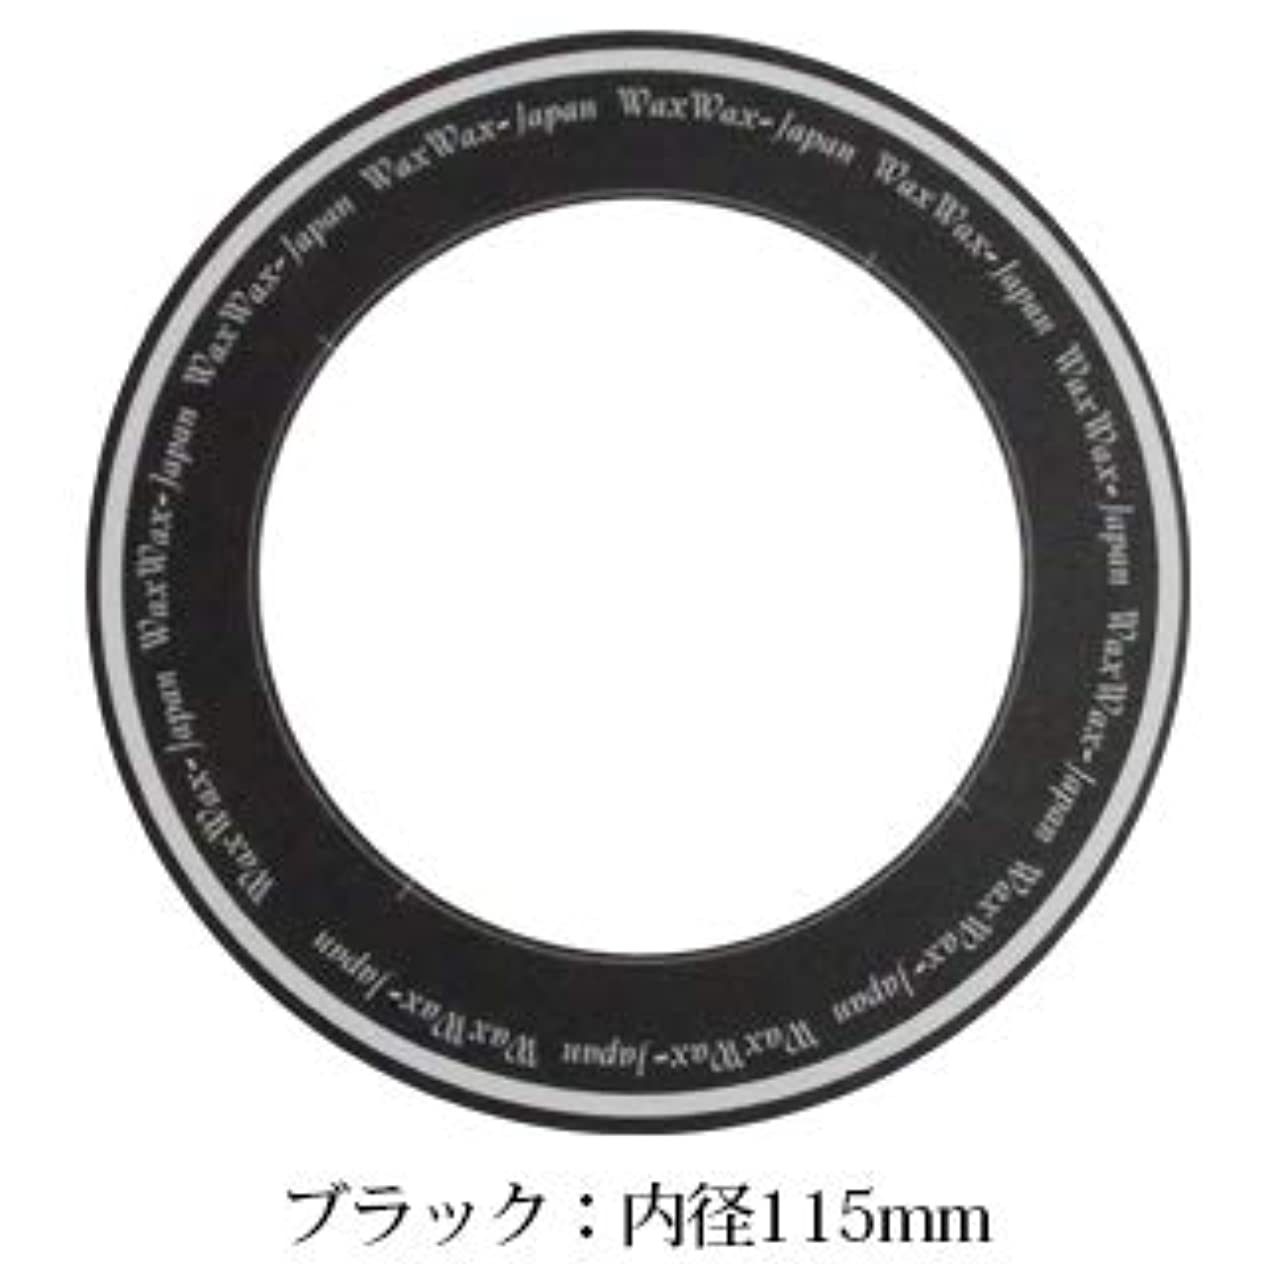 痛み効果的にハイランドワックス脱毛用カラー 50枚入 ワックスウォーマー専用 (Bタイプ ブラック 内径:115mm)